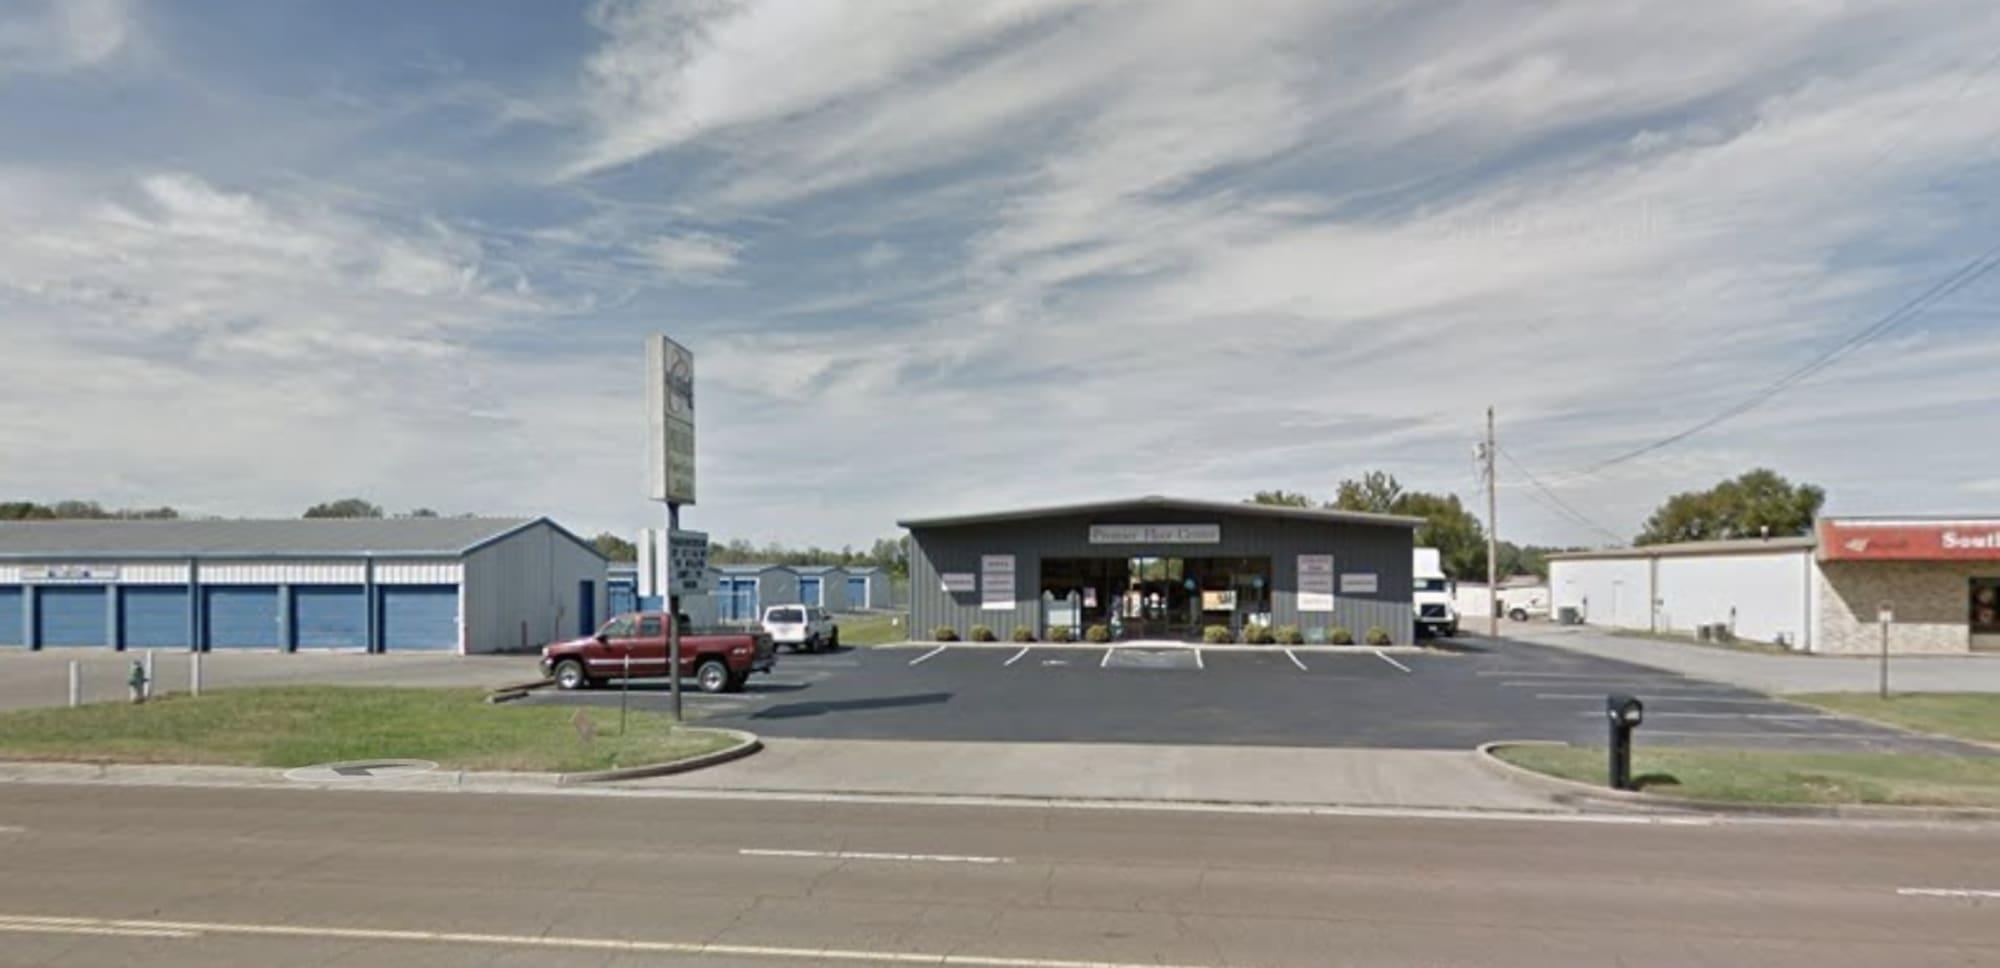 Premier Floor Center - 2003 St John Ave Dyersburg, TN 38024